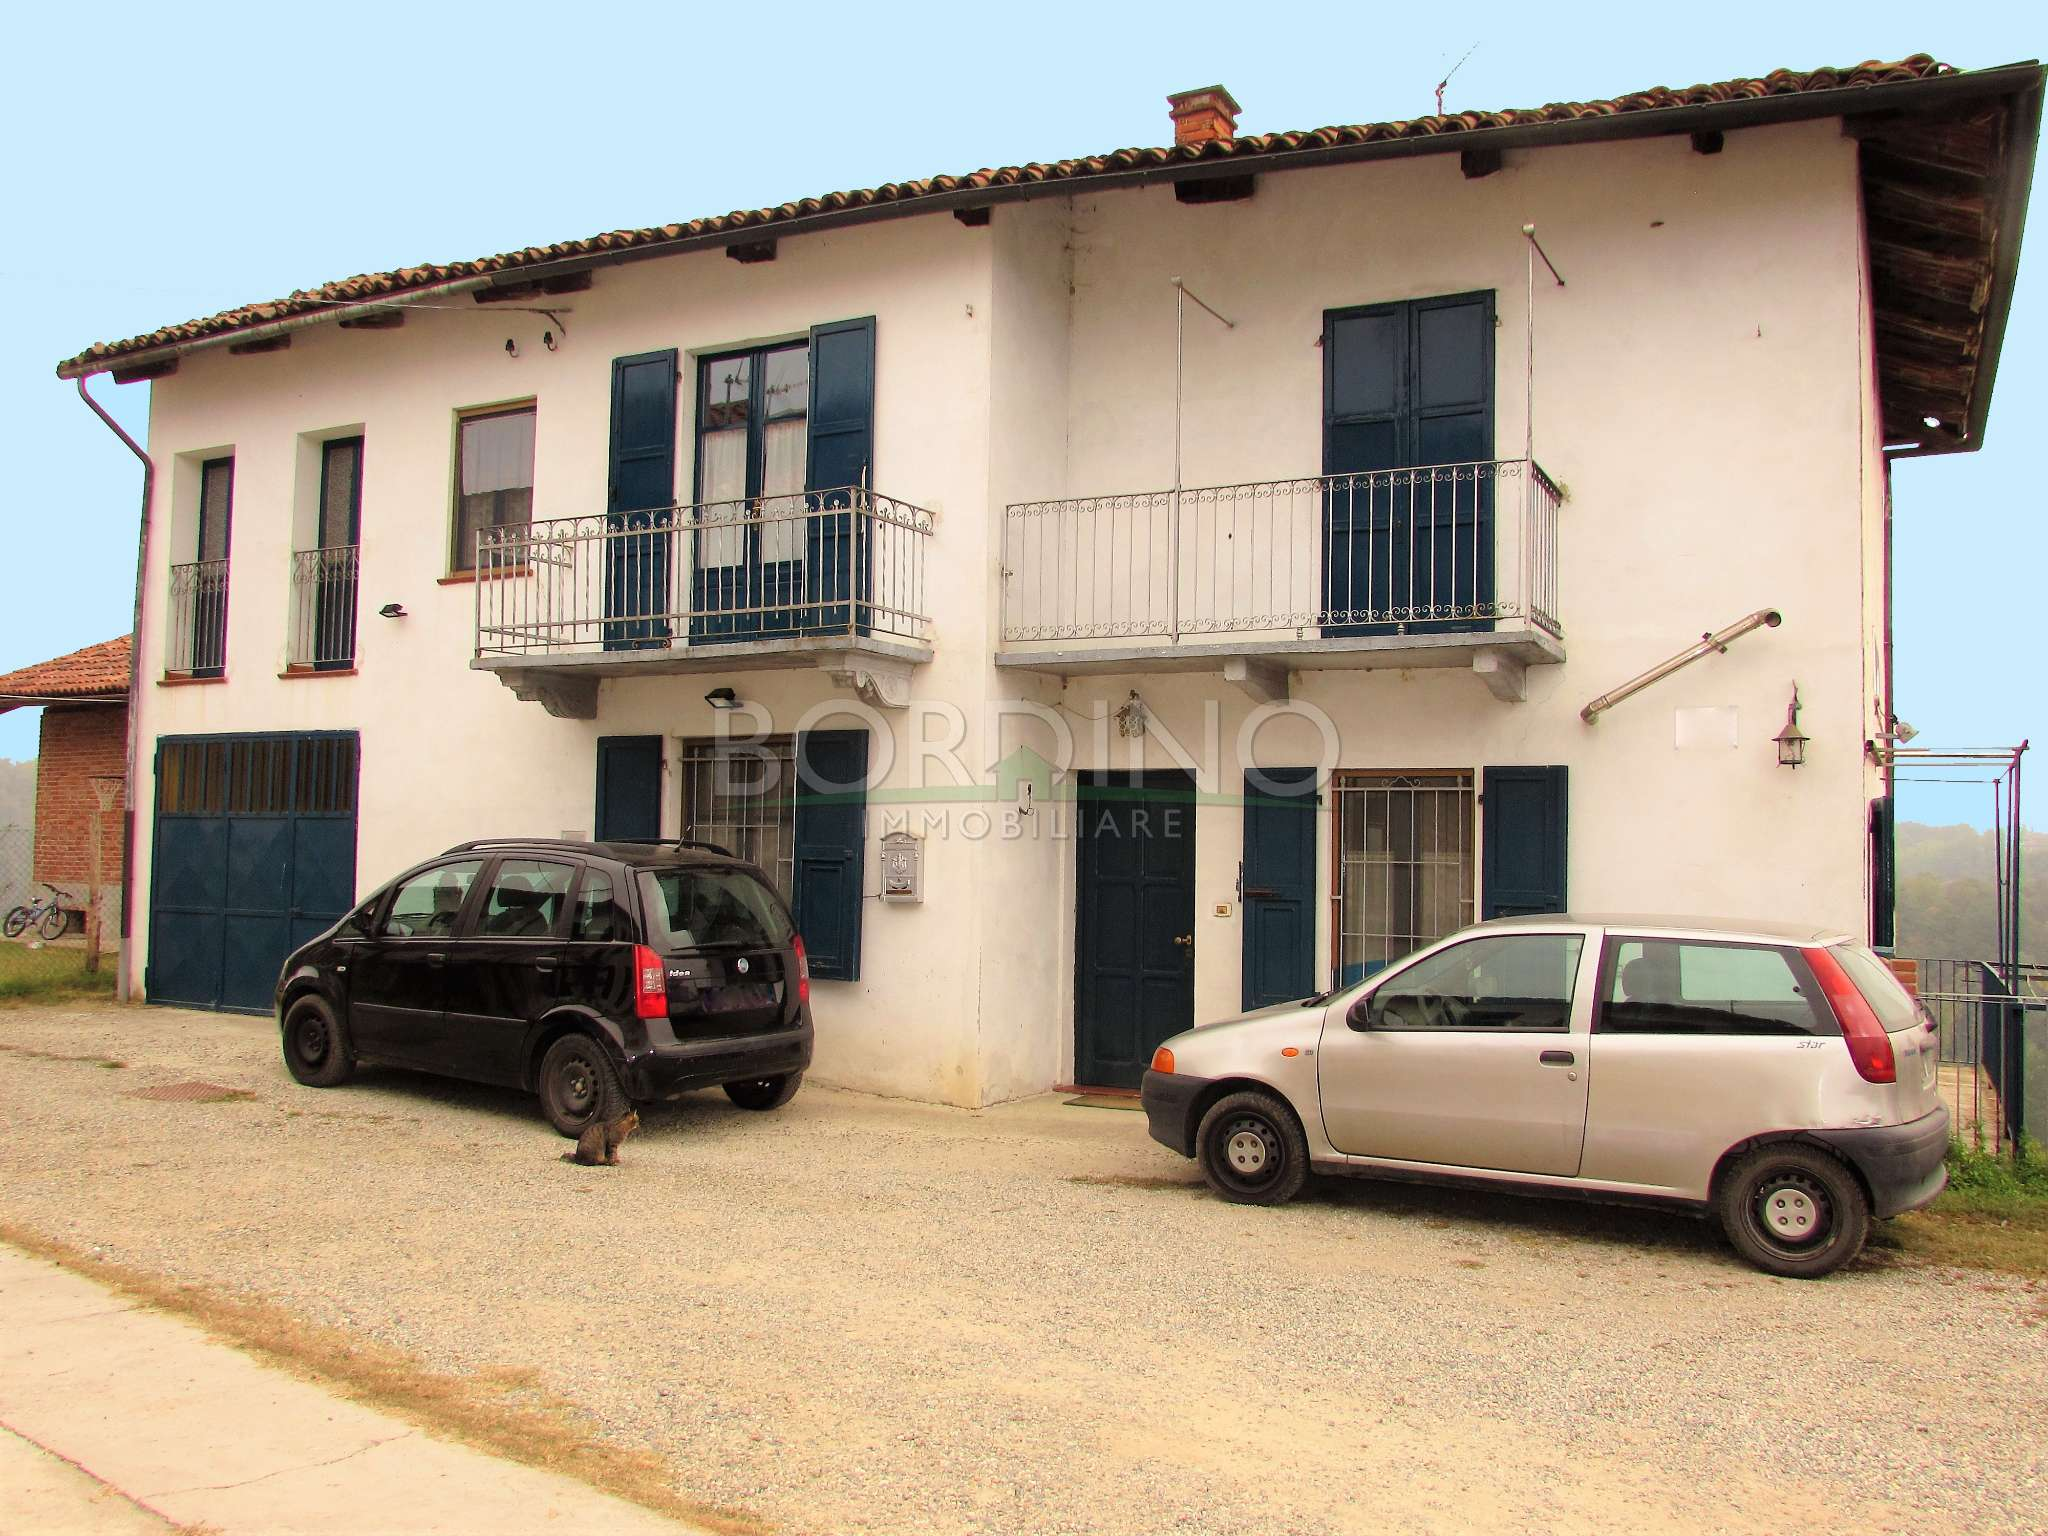 Soluzione Indipendente in vendita a Piea, 4 locali, prezzo € 96.000   PortaleAgenzieImmobiliari.it